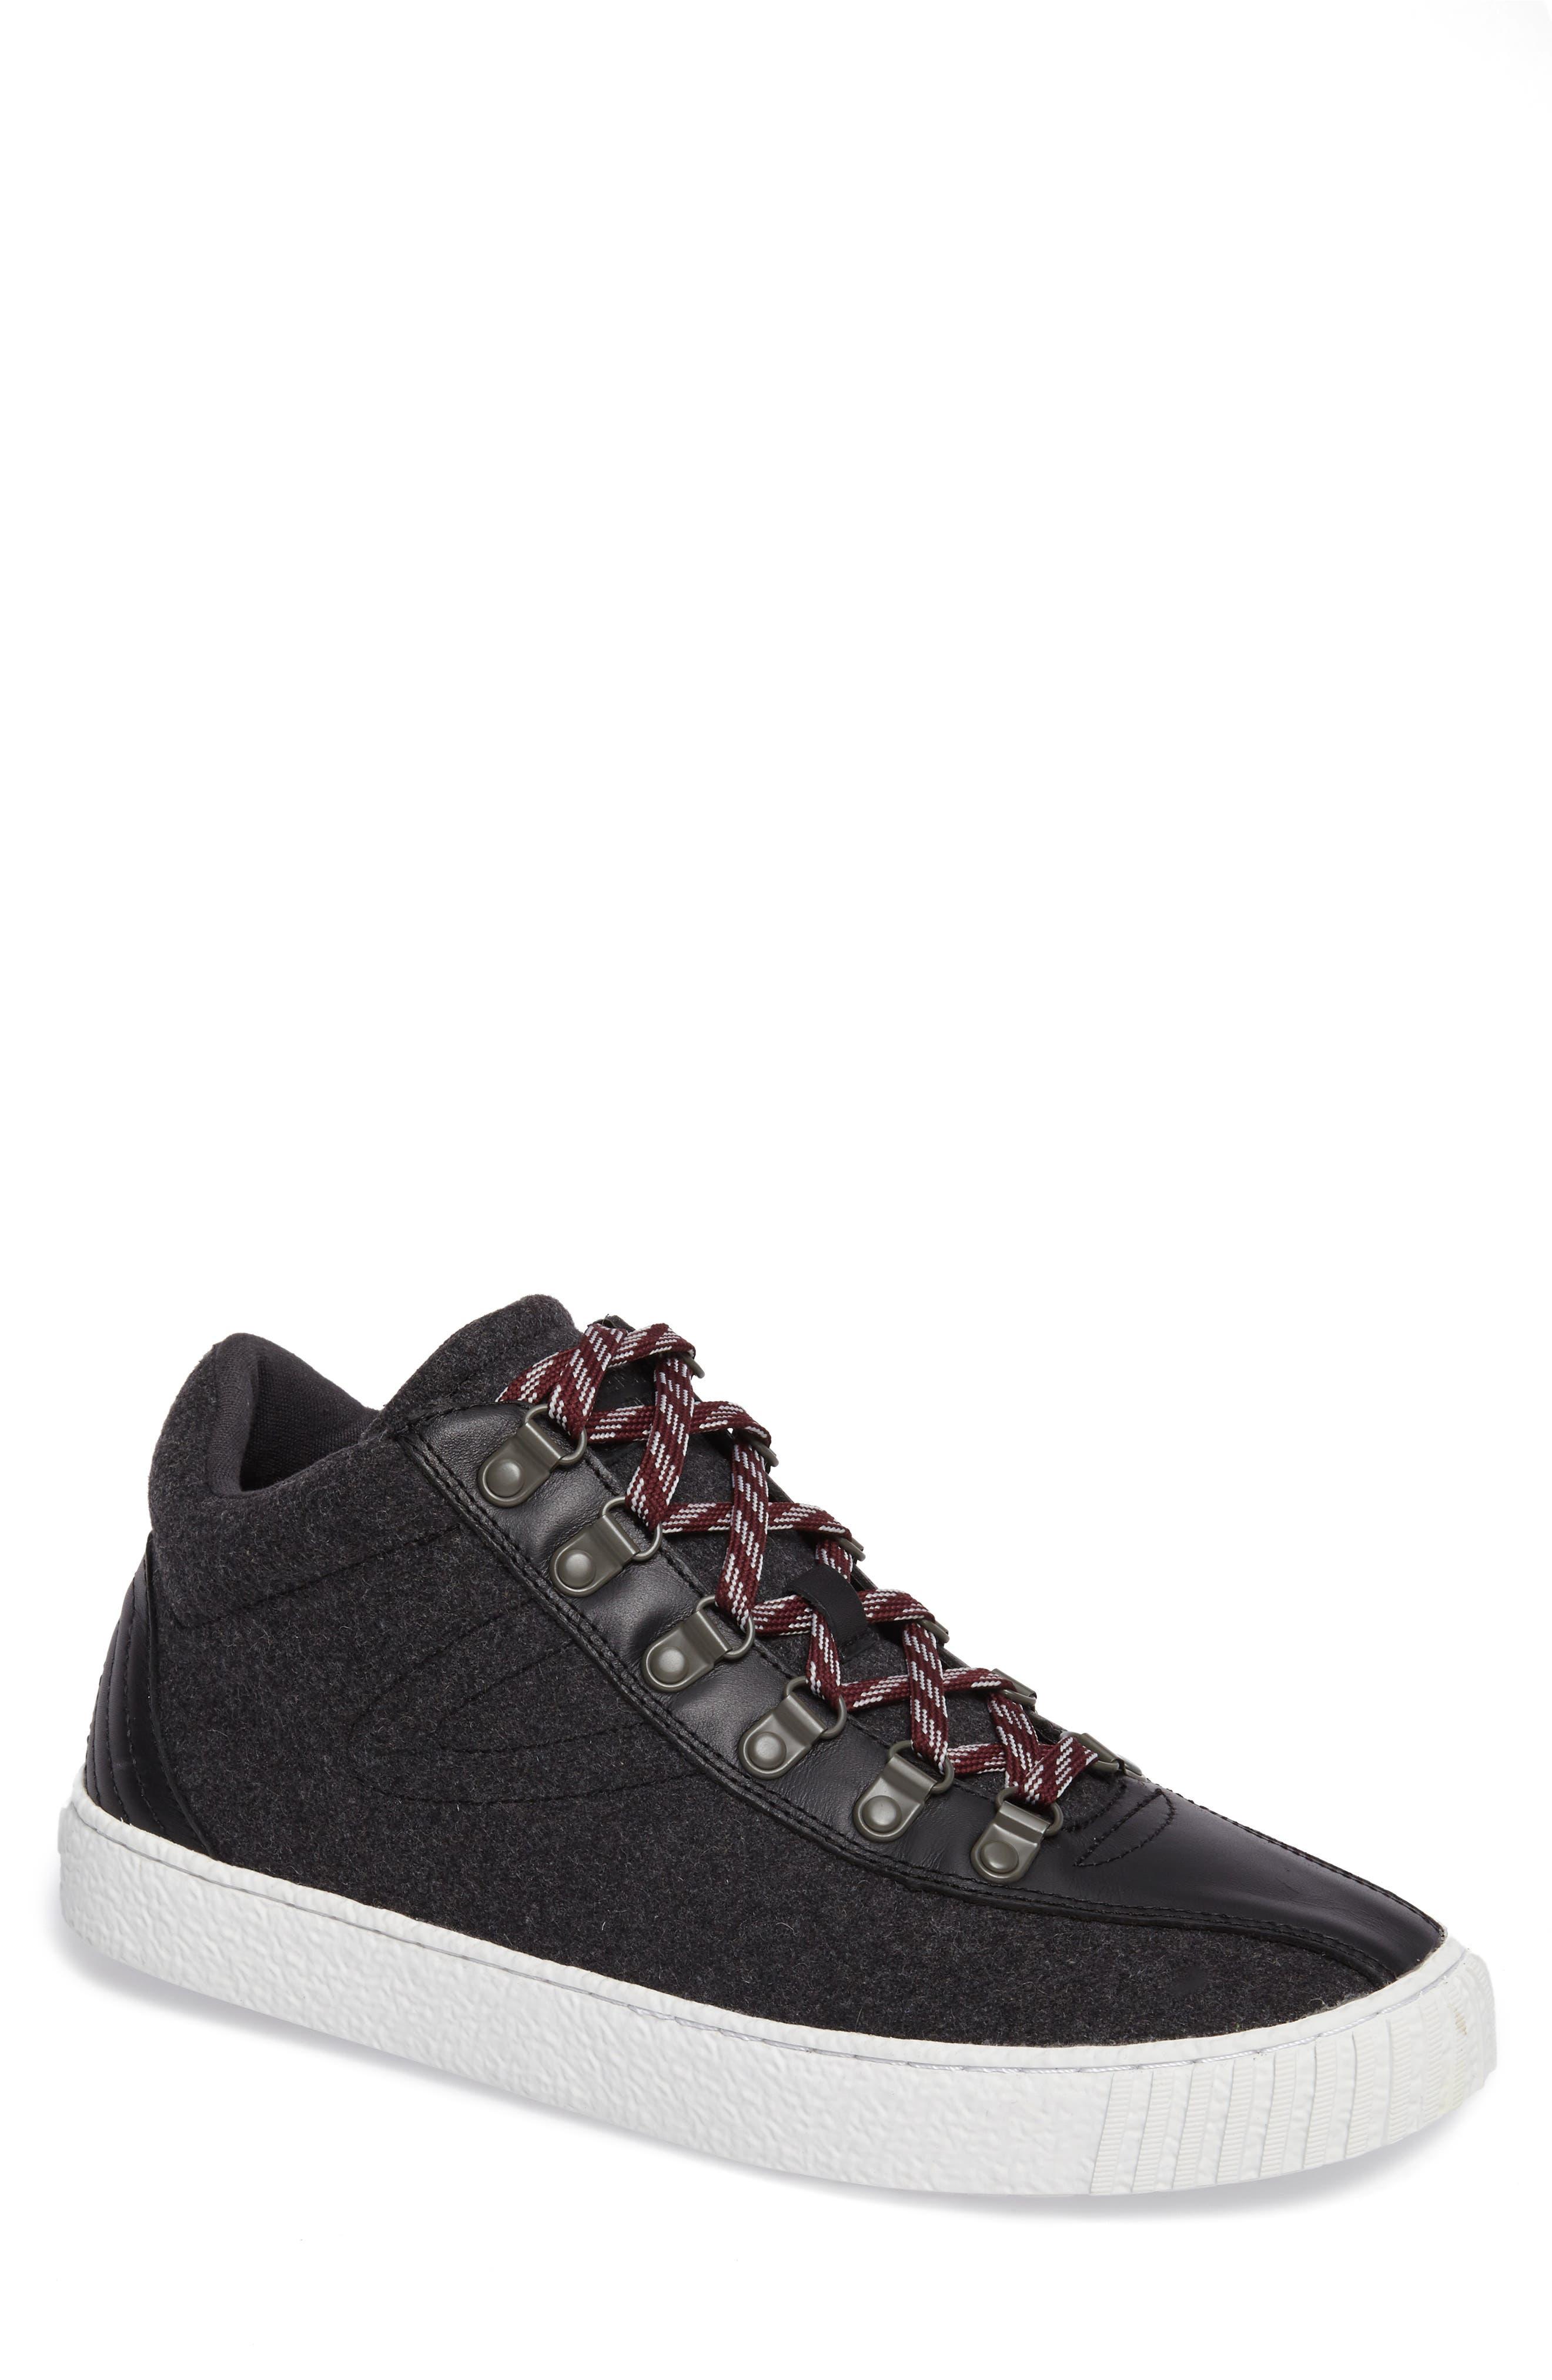 Dante Sneaker,                             Main thumbnail 1, color,                             Dark Grey/ Black